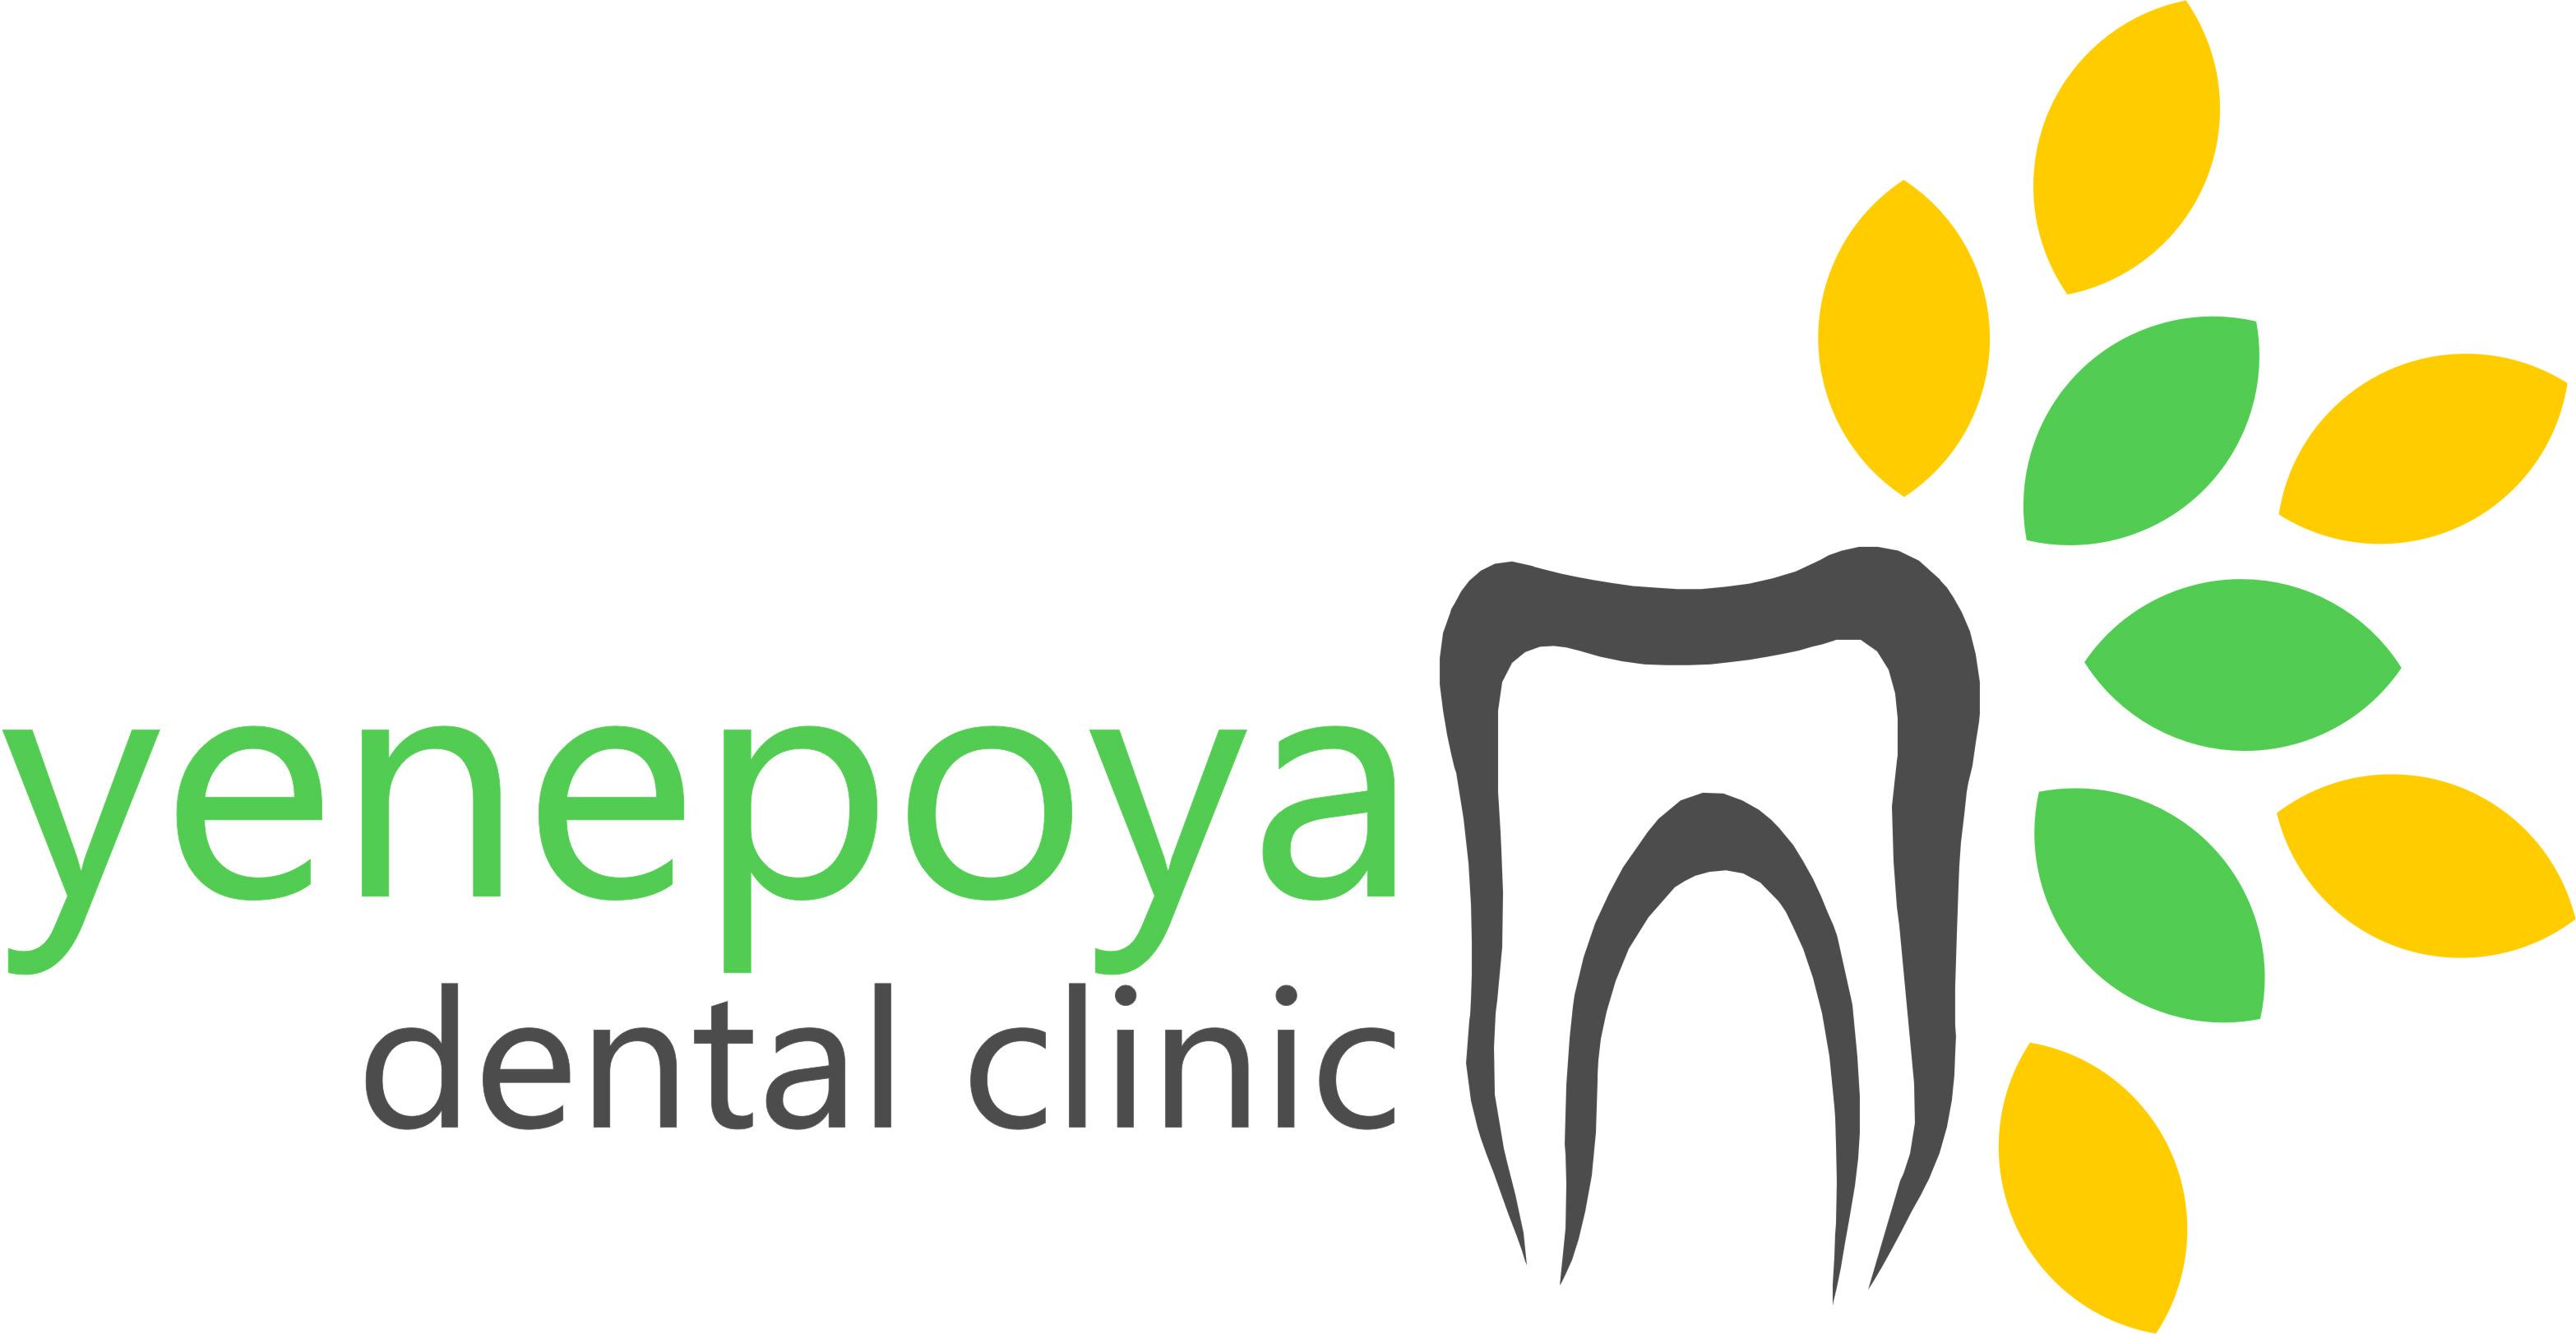 Yenepoya Dental Clinic